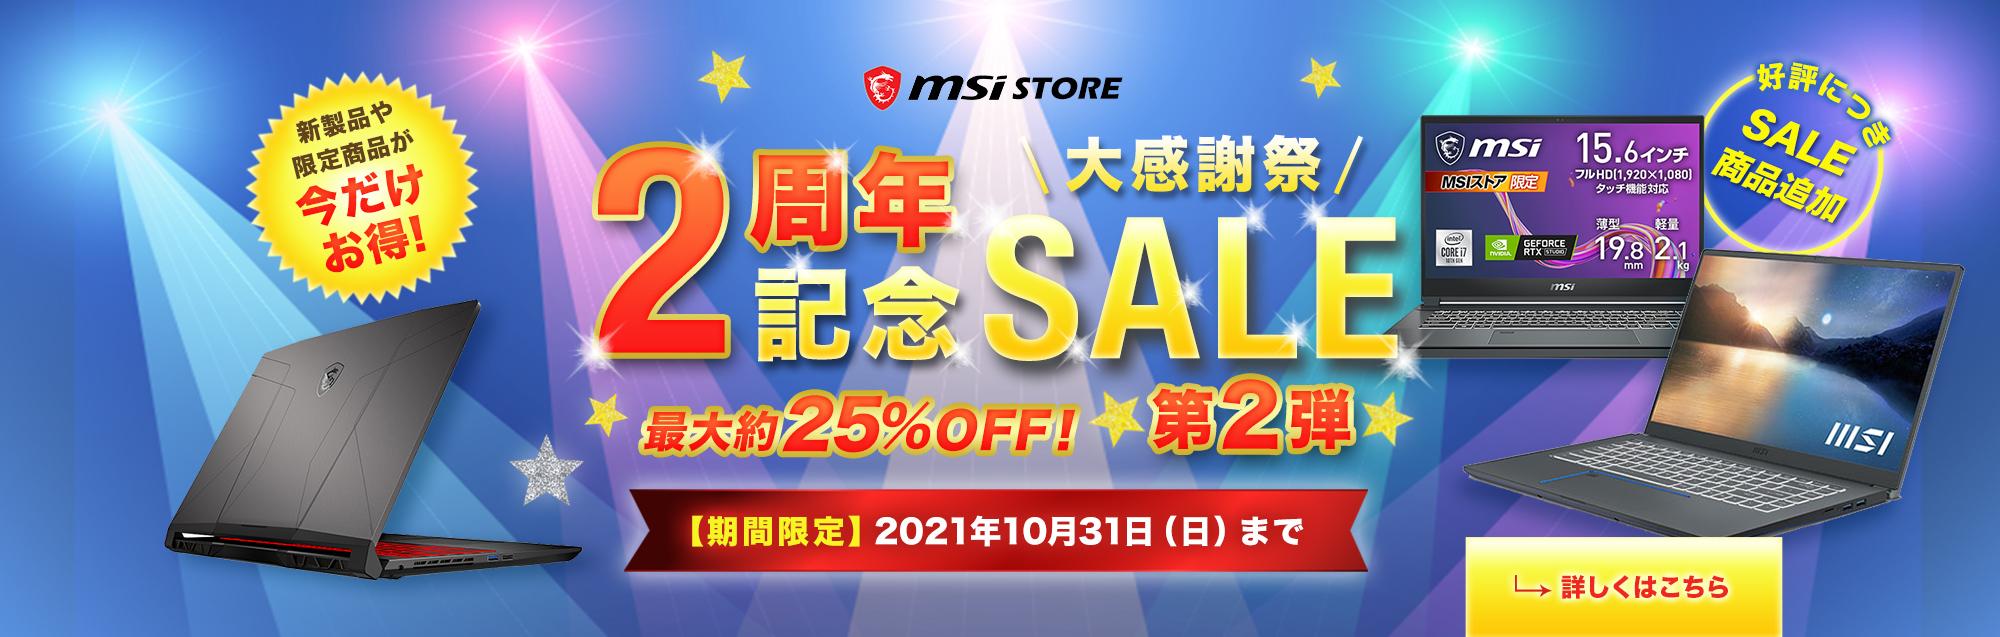 2周年記念大感謝祭SALE